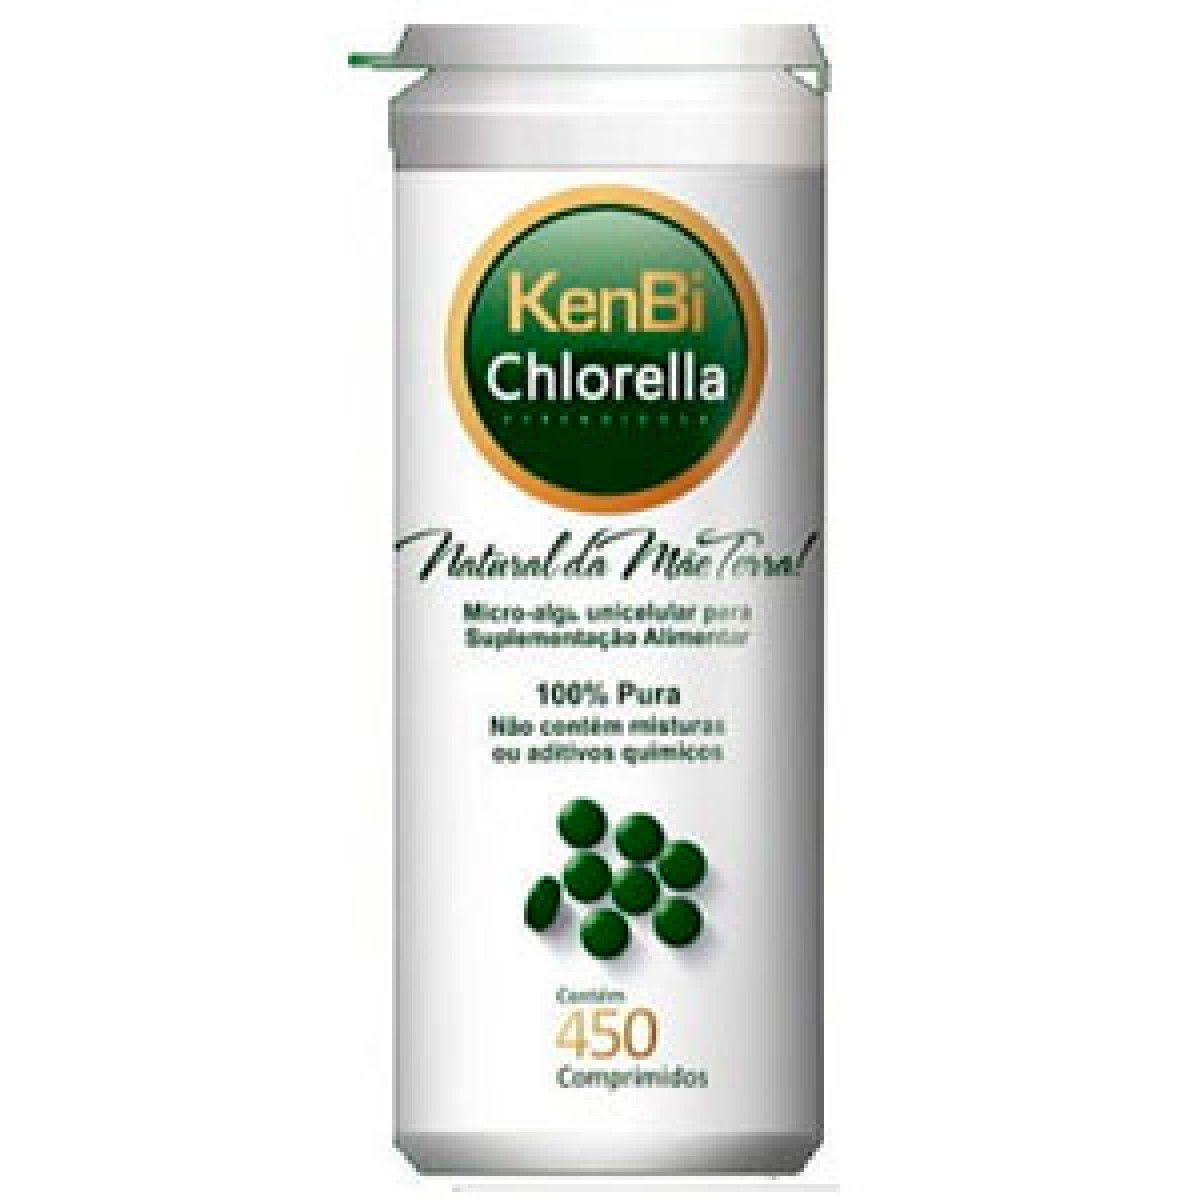 Chlorella Kenbi 450 Comprimidos 100% Chlorella